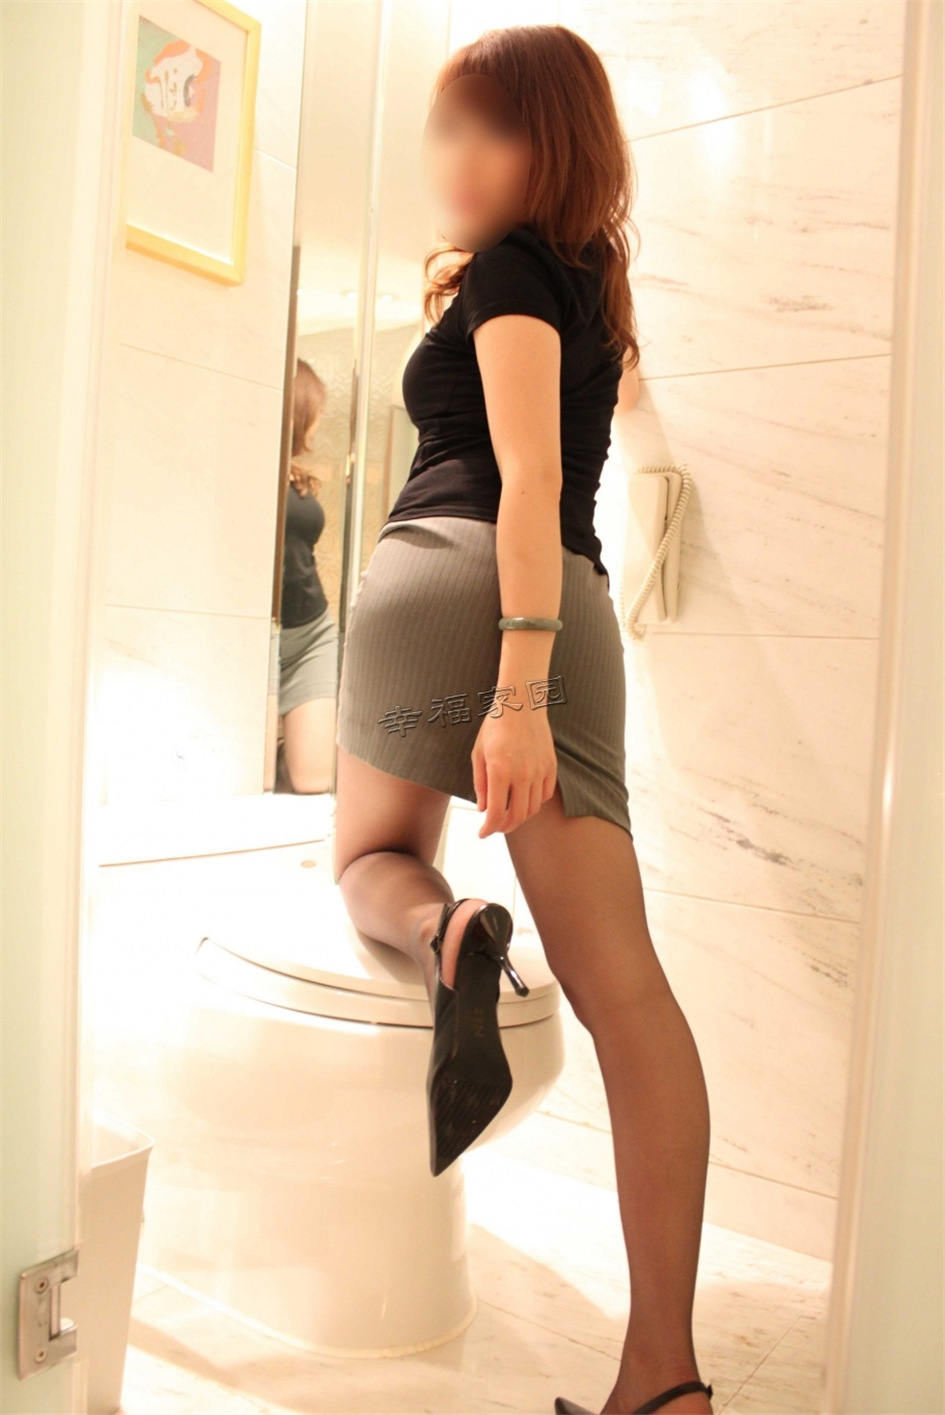 性感少妇私房黑丝诱惑匿名写真图片(图26)